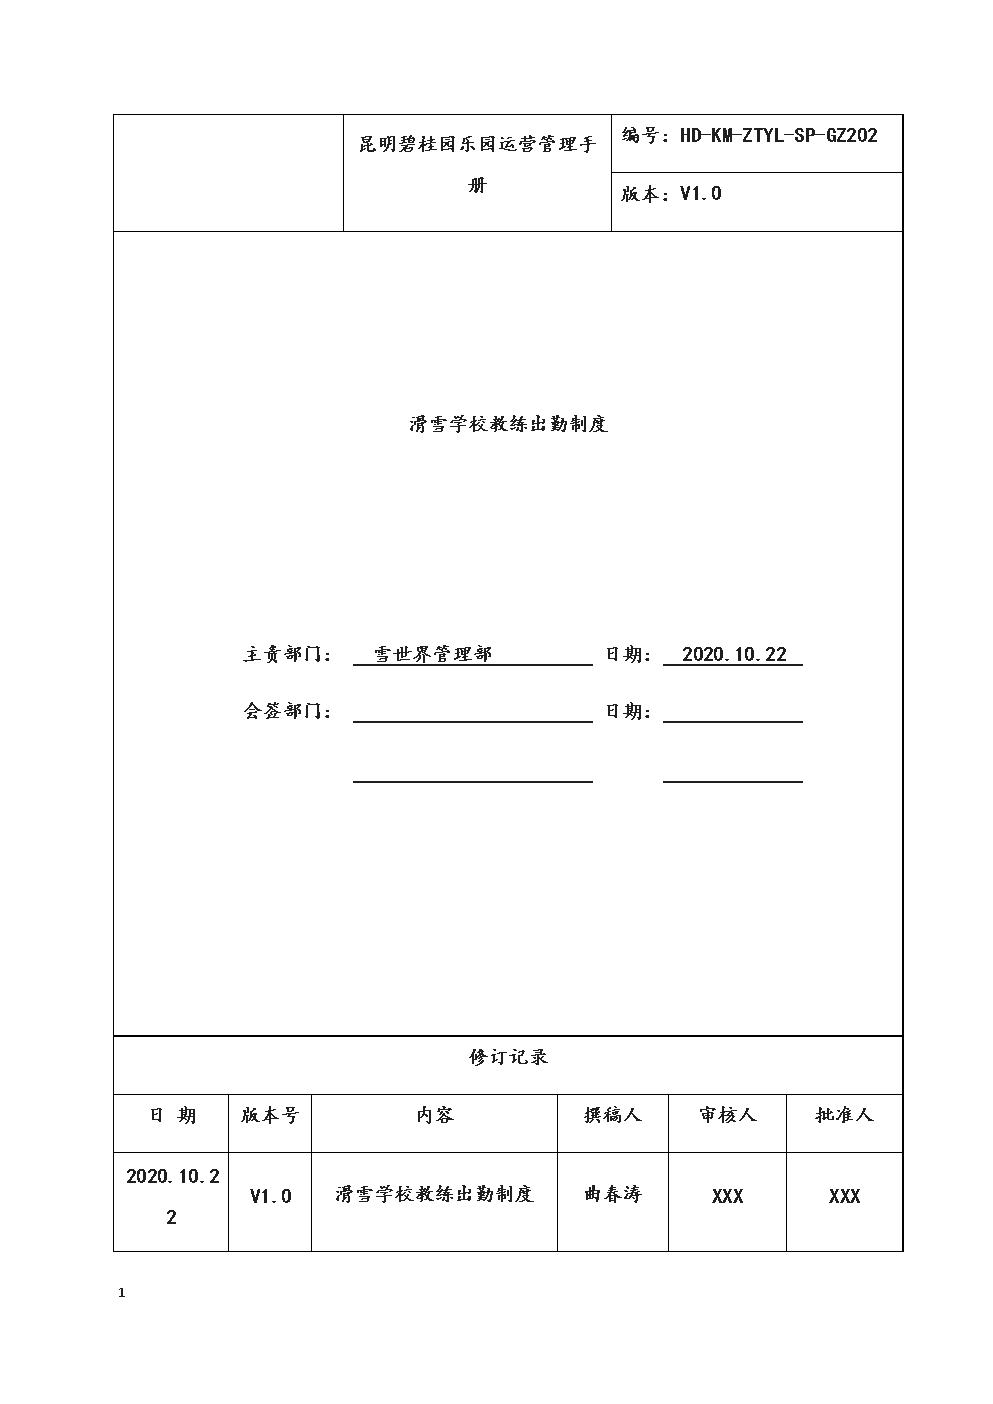 滑雪学校教练出勤-碧桂园制度.docx